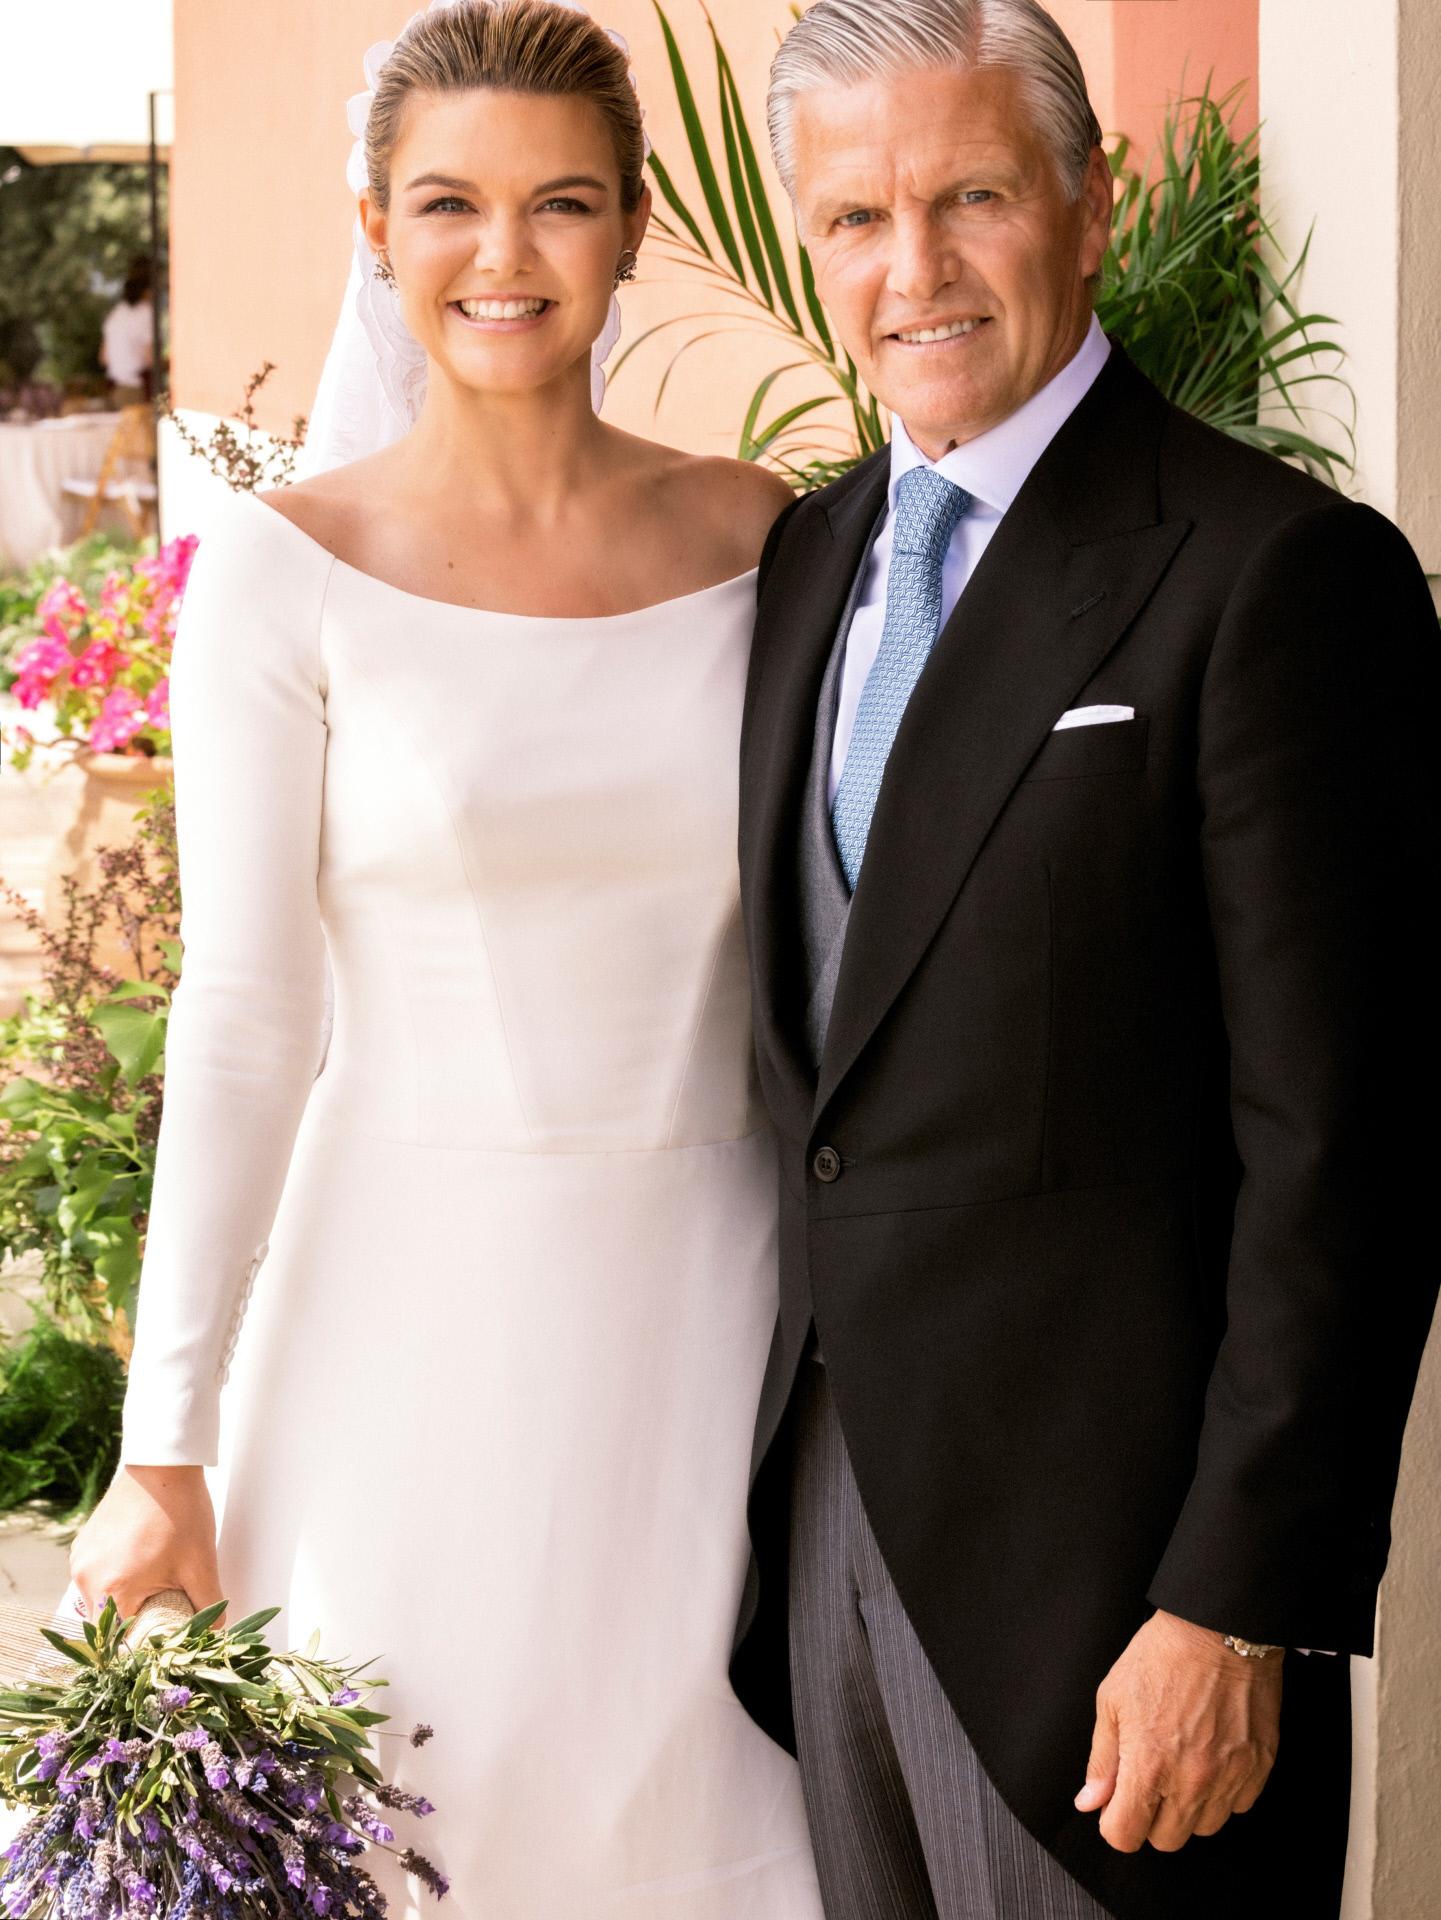 Alejandra Ruiz de Rato y su padre, Espartaco, el día de su boda.